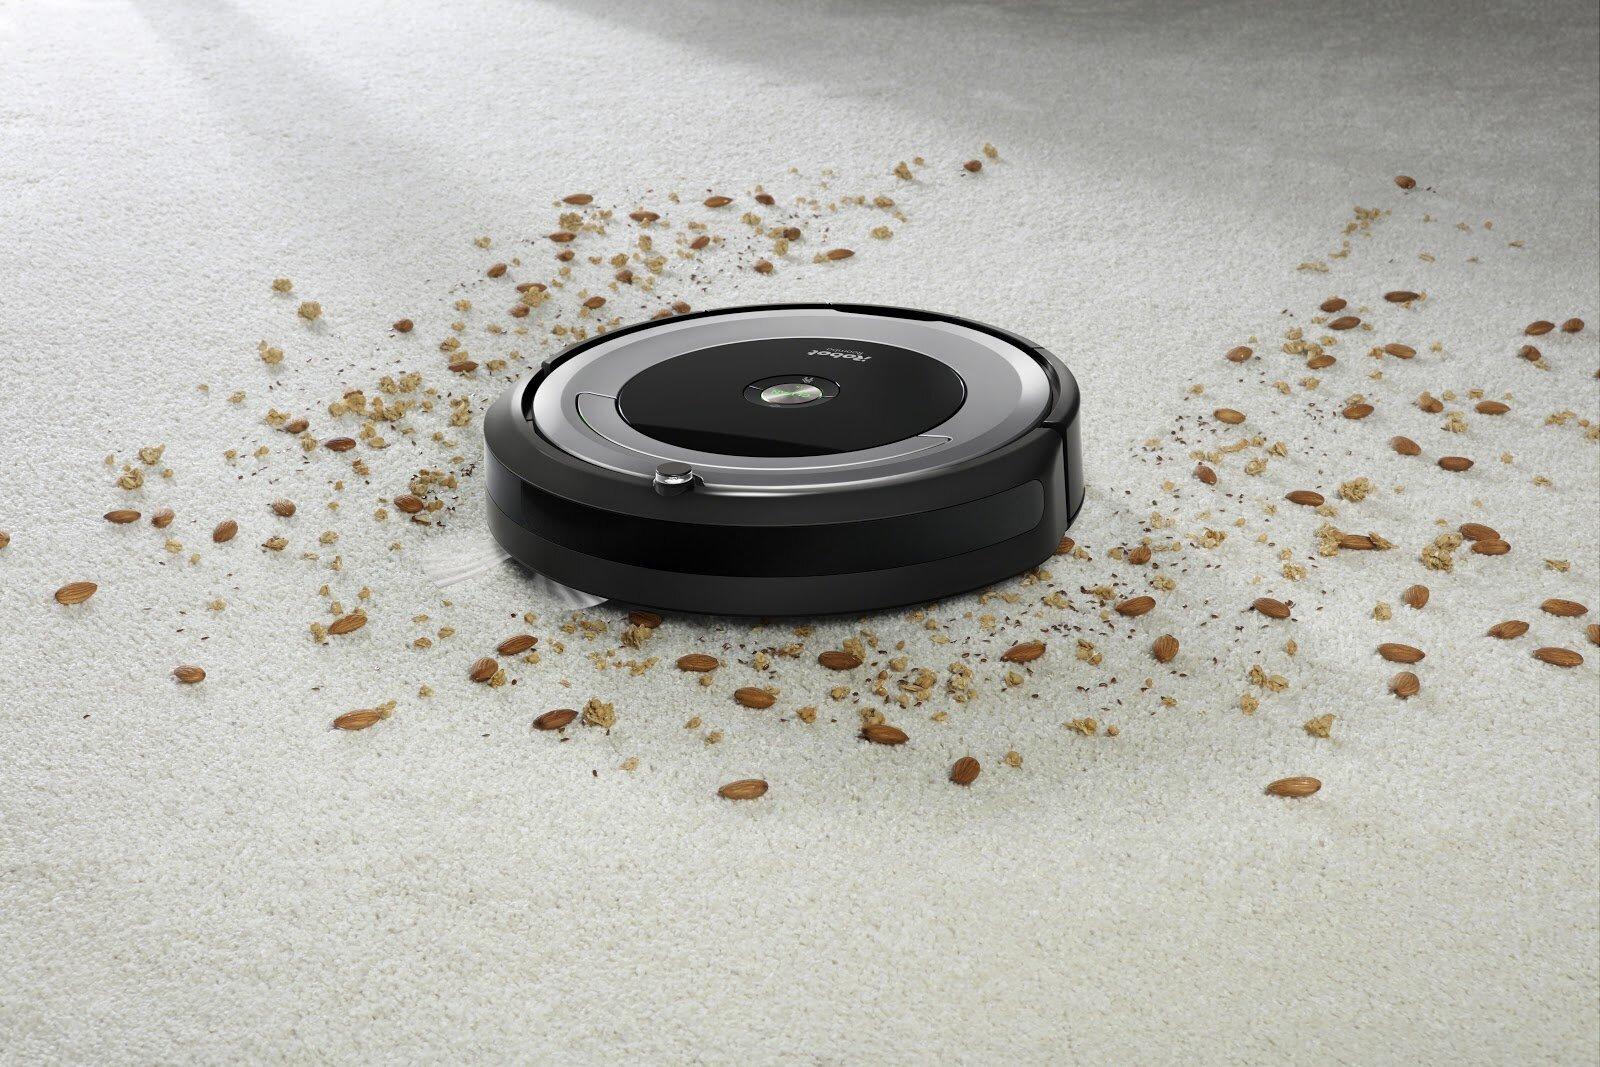 Robot có khả năng hút sạch được các bụi bẩn trên sàn nhà